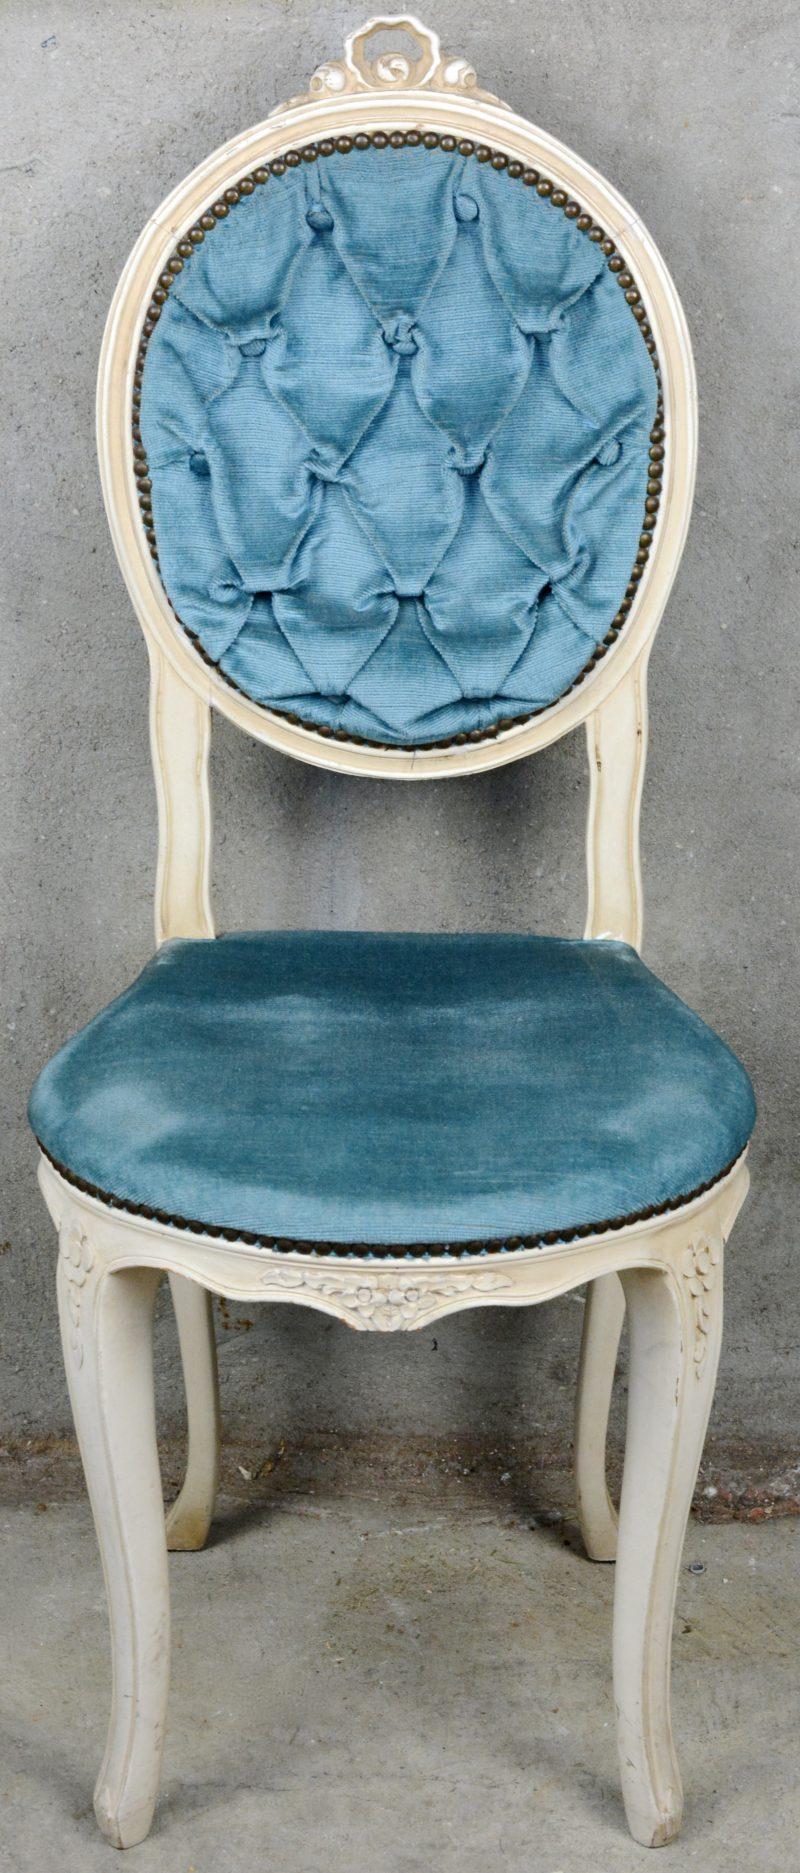 Een witgepatineerd boudoirstoeltje met blauw fluwelen bekleding.